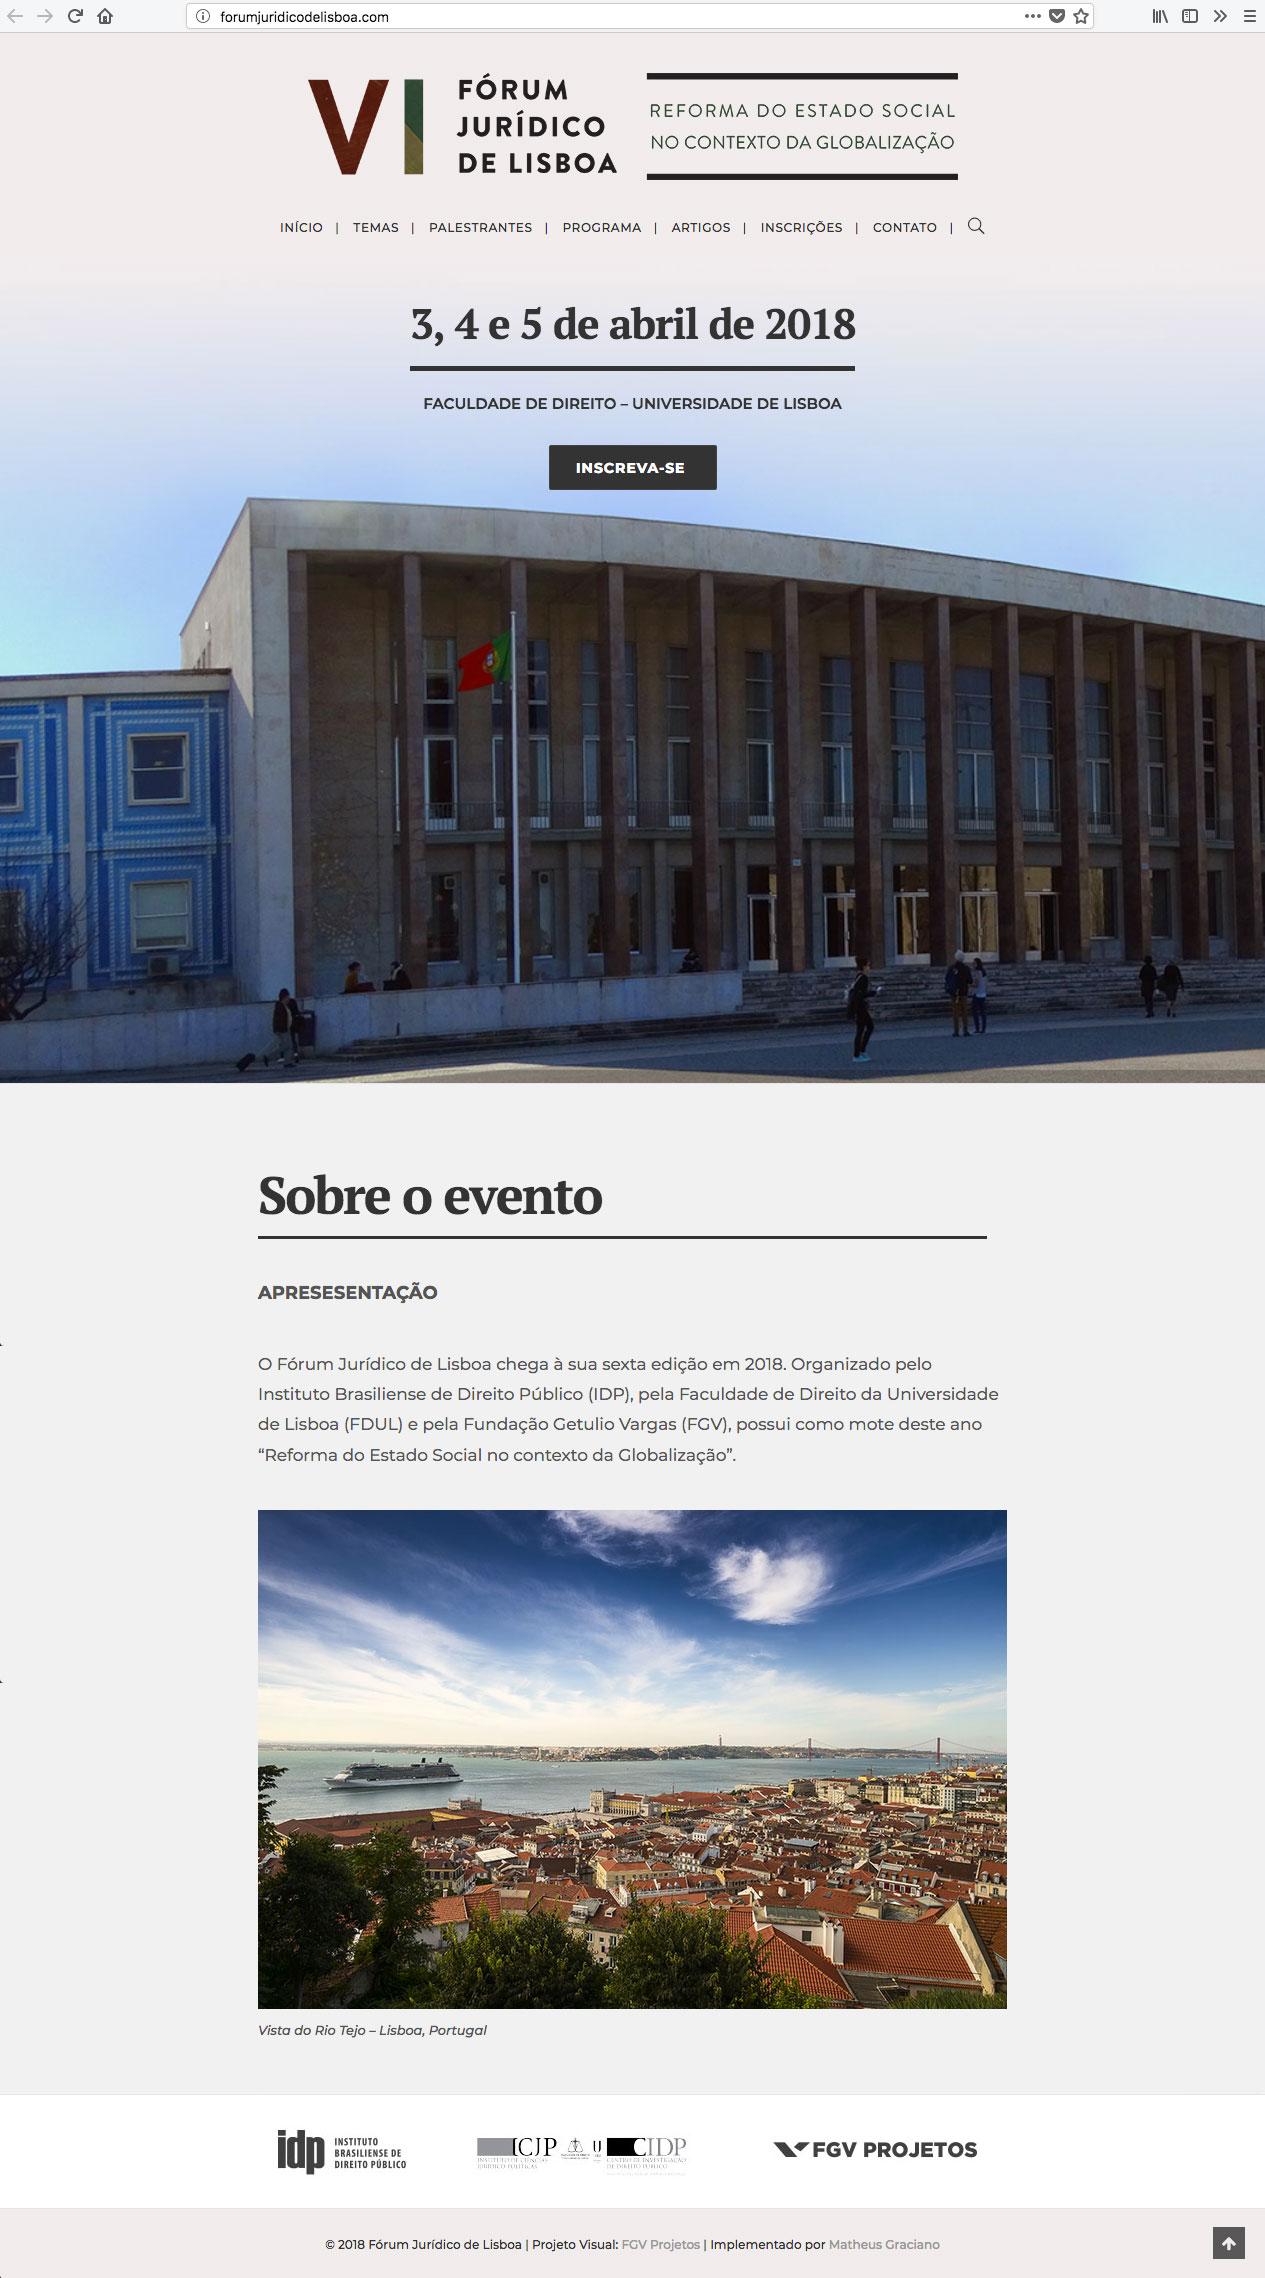 VI Fórum Jurídico de Lisboa foi realizado em 2018